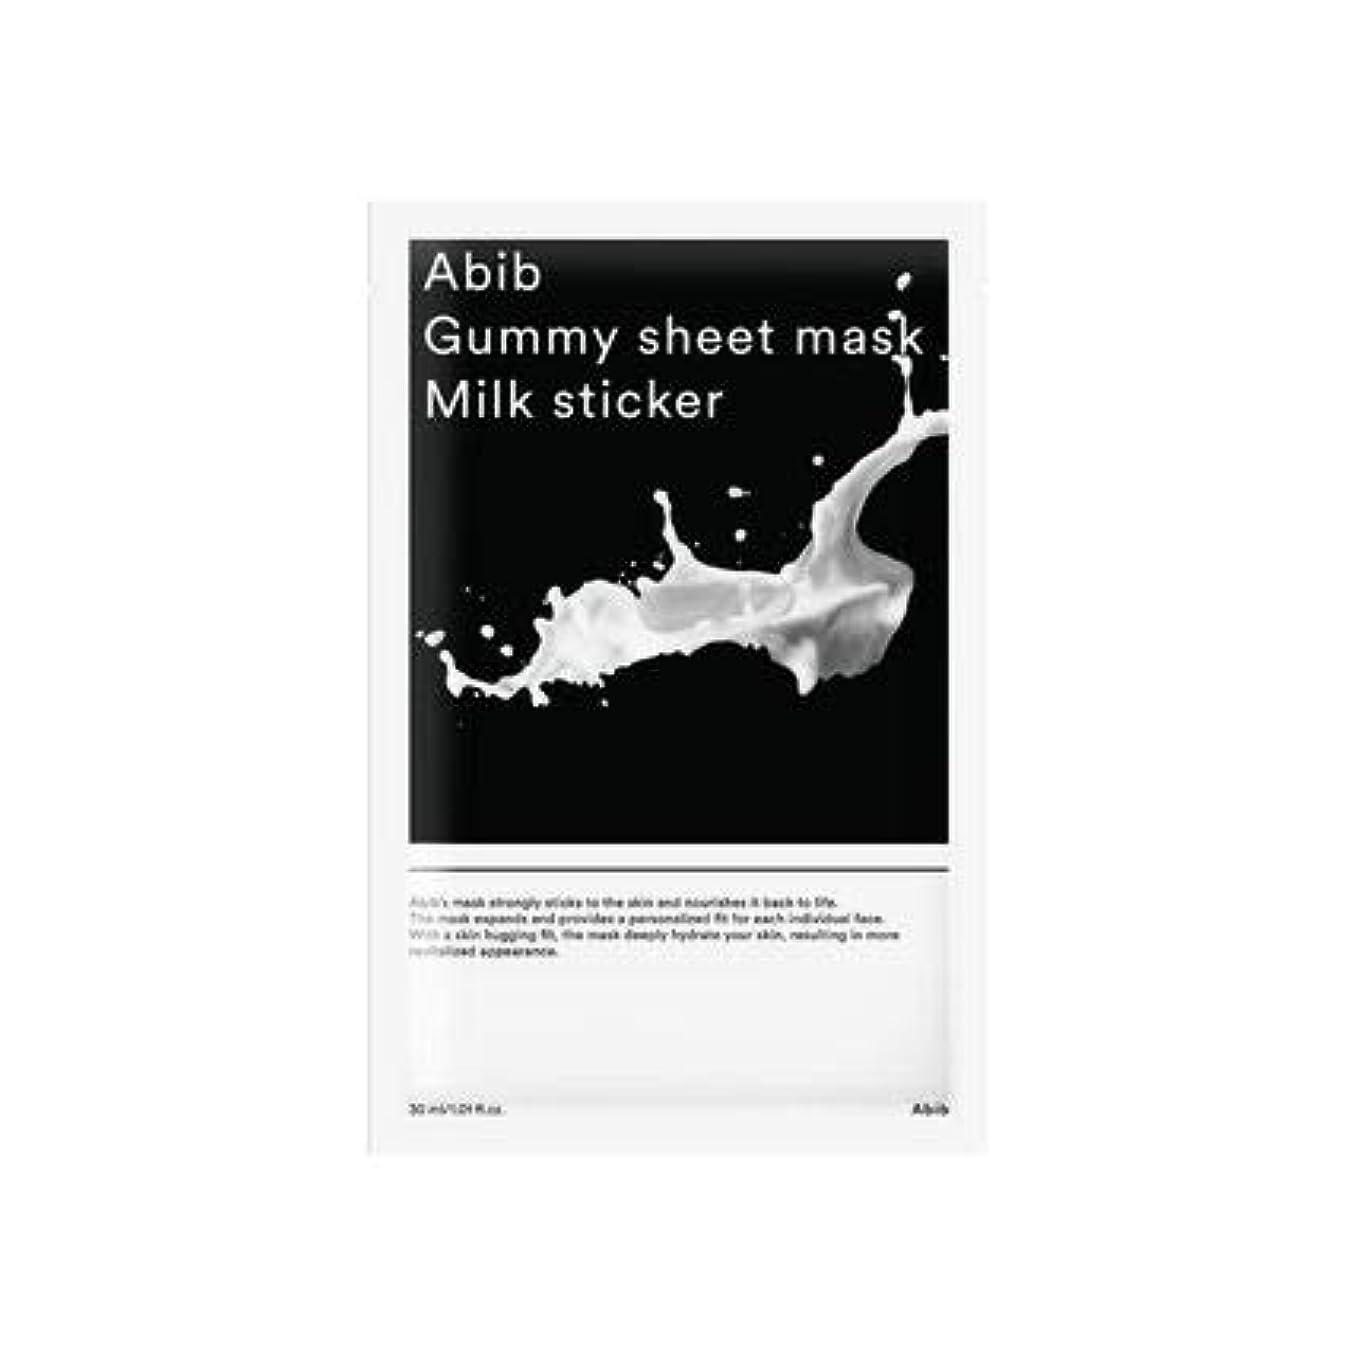 指令明確に虐待[Abib] アイブガムのくるみシートマスクミルクステッカー 30mlx10枚 / ABIB GUMMY SHEET MASK MILK STICKER 30mlx10EA [並行輸入品]